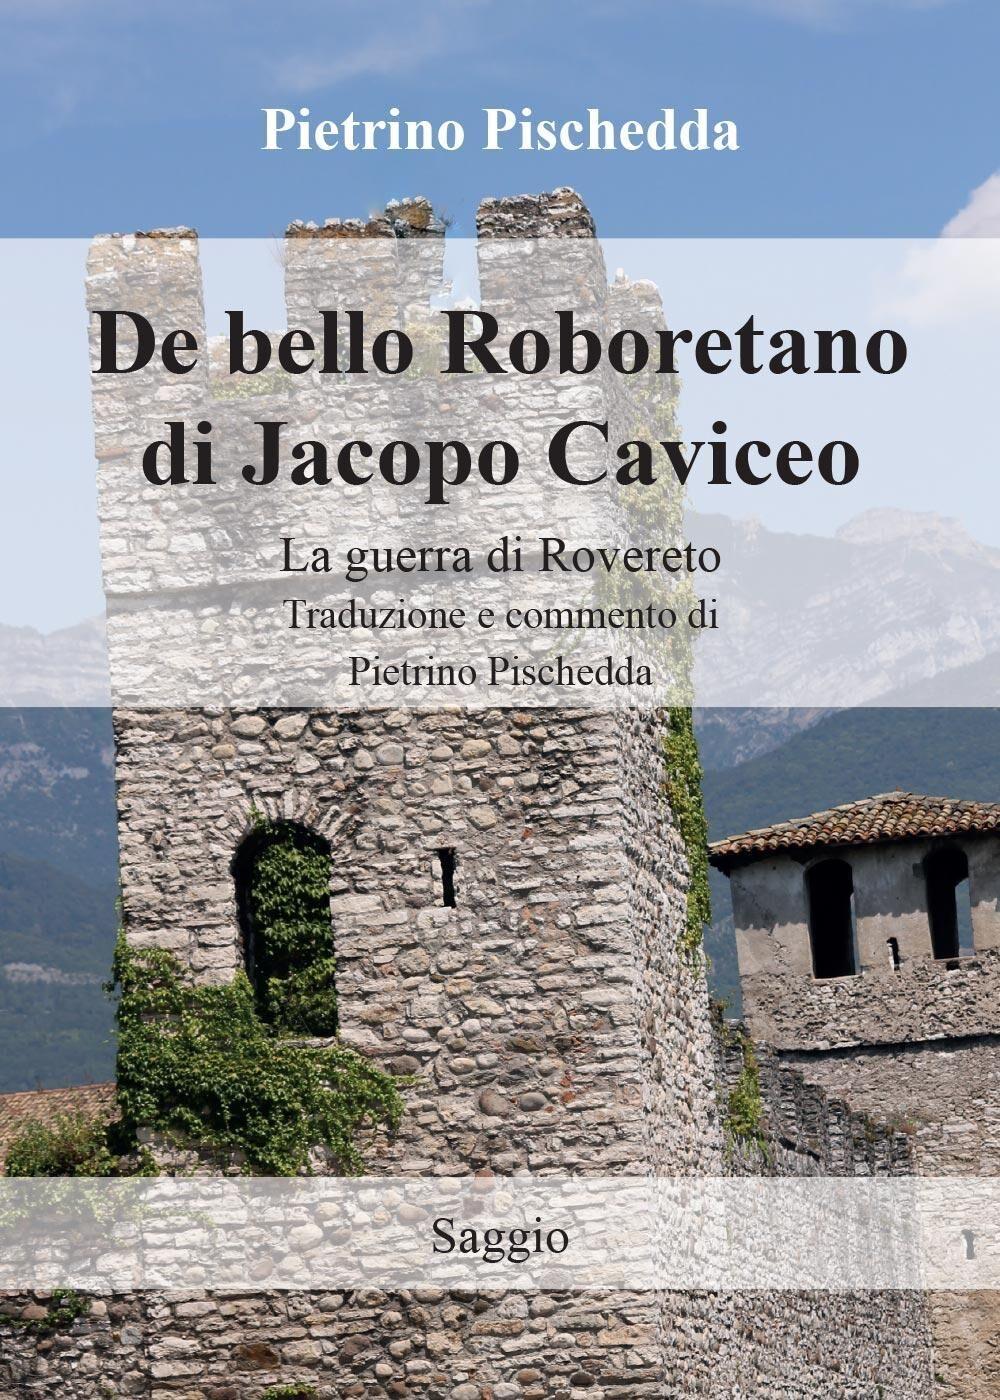 De bello Roboretano di Jacopo Caviceo. La guerra di Rovereto